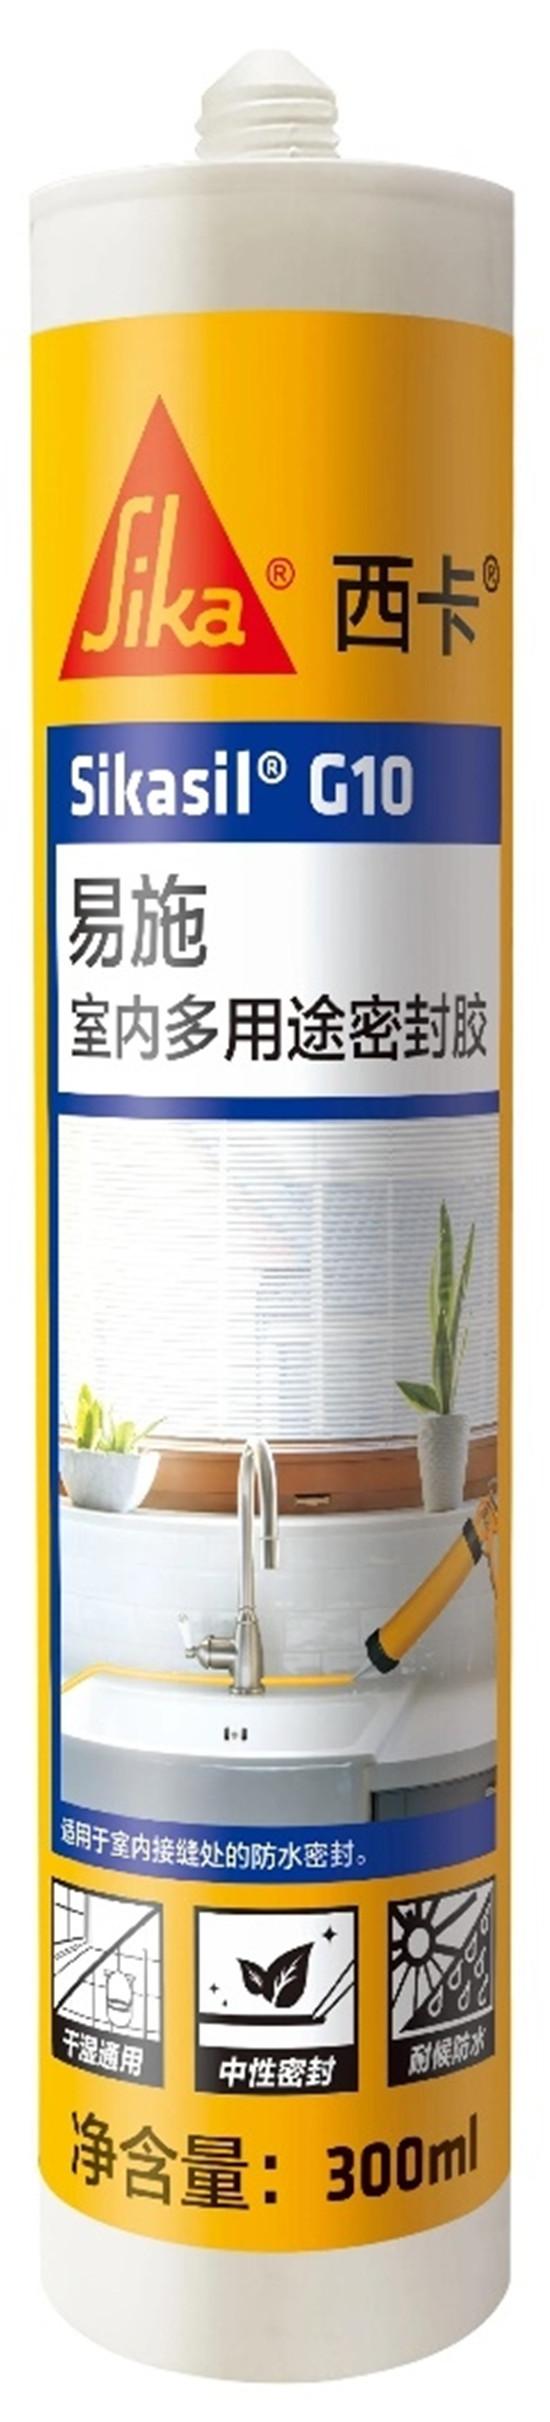 干湿区通用的密封胶,选G10西卡胶